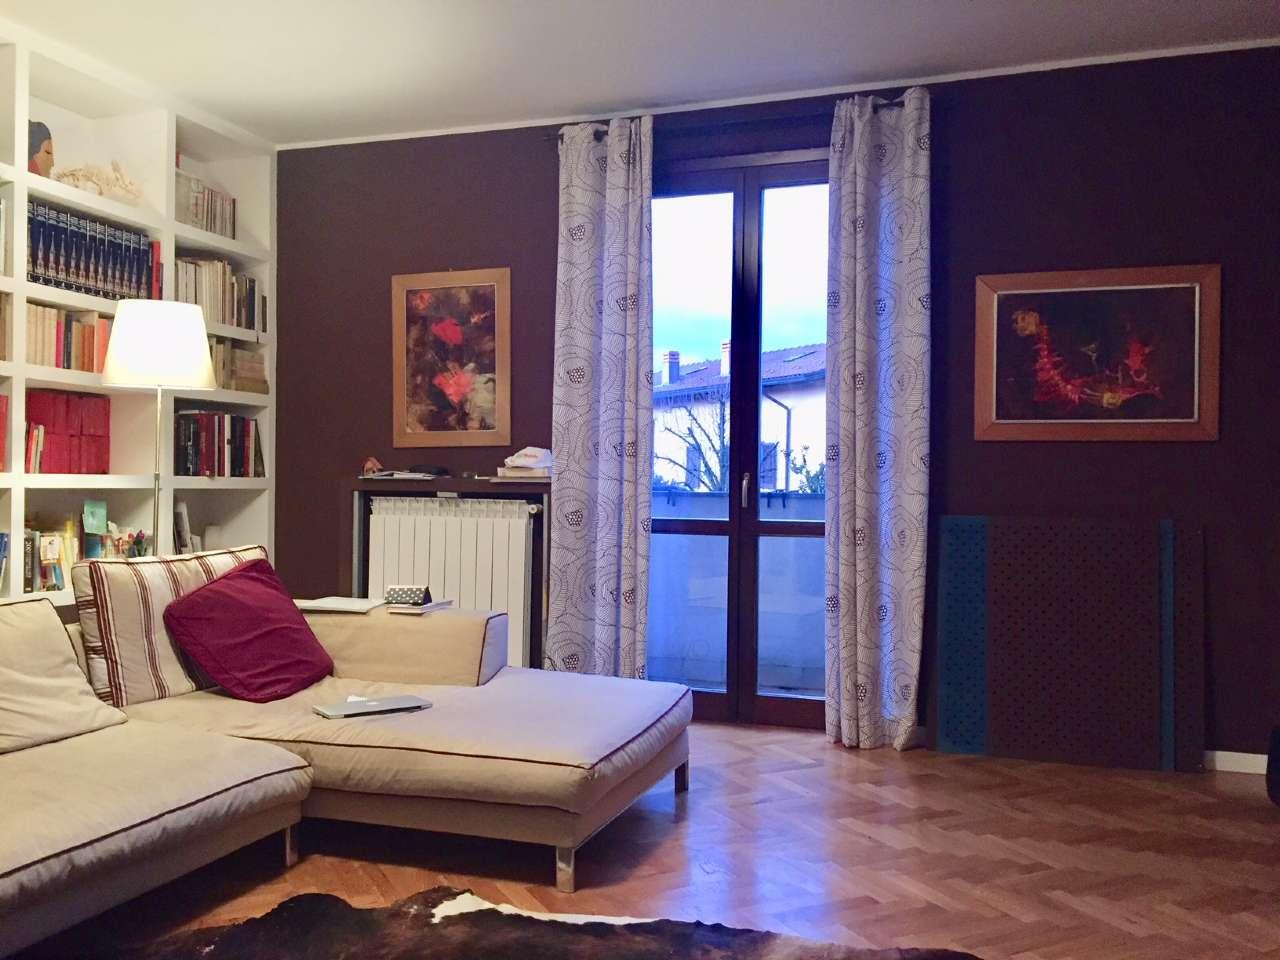 Appartamento in vendita a Rosate, 3 locali, prezzo € 125.000 | PortaleAgenzieImmobiliari.it